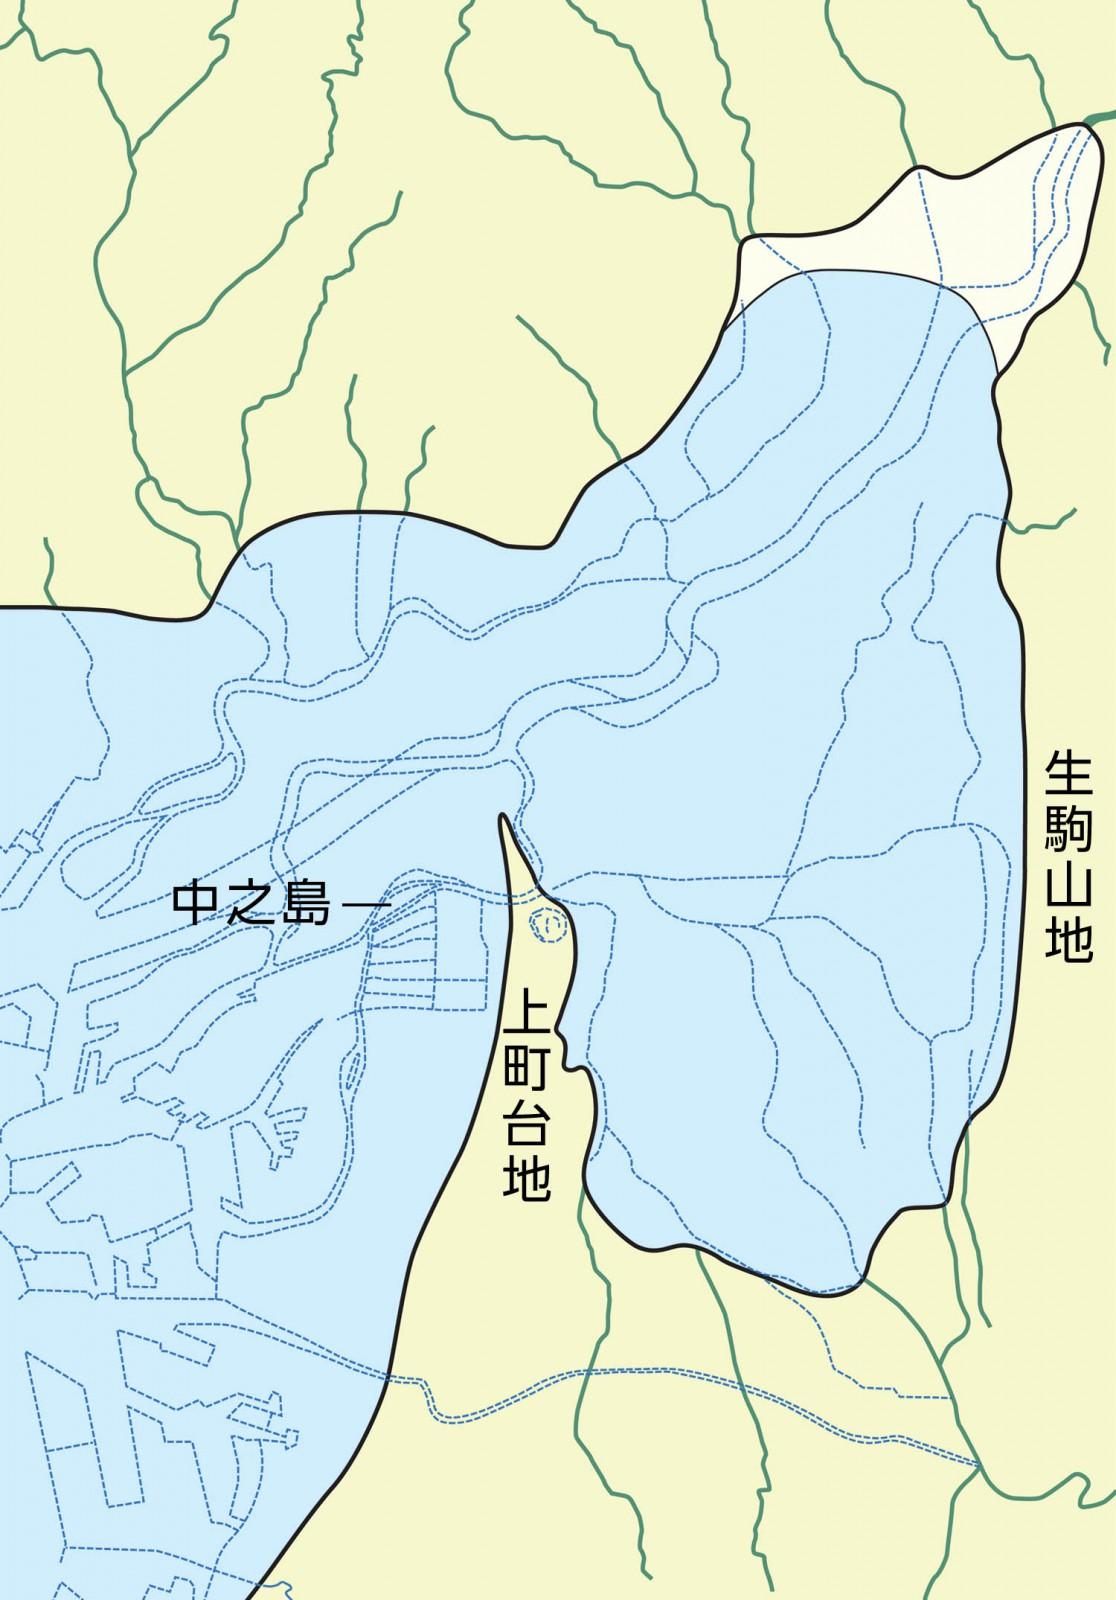 約7000~6000年前の古地理図ー北は江坂や吹田、高槻や枚方まで、東は生駒山地の麓まで海水が侵入し河内湾を形成していた。